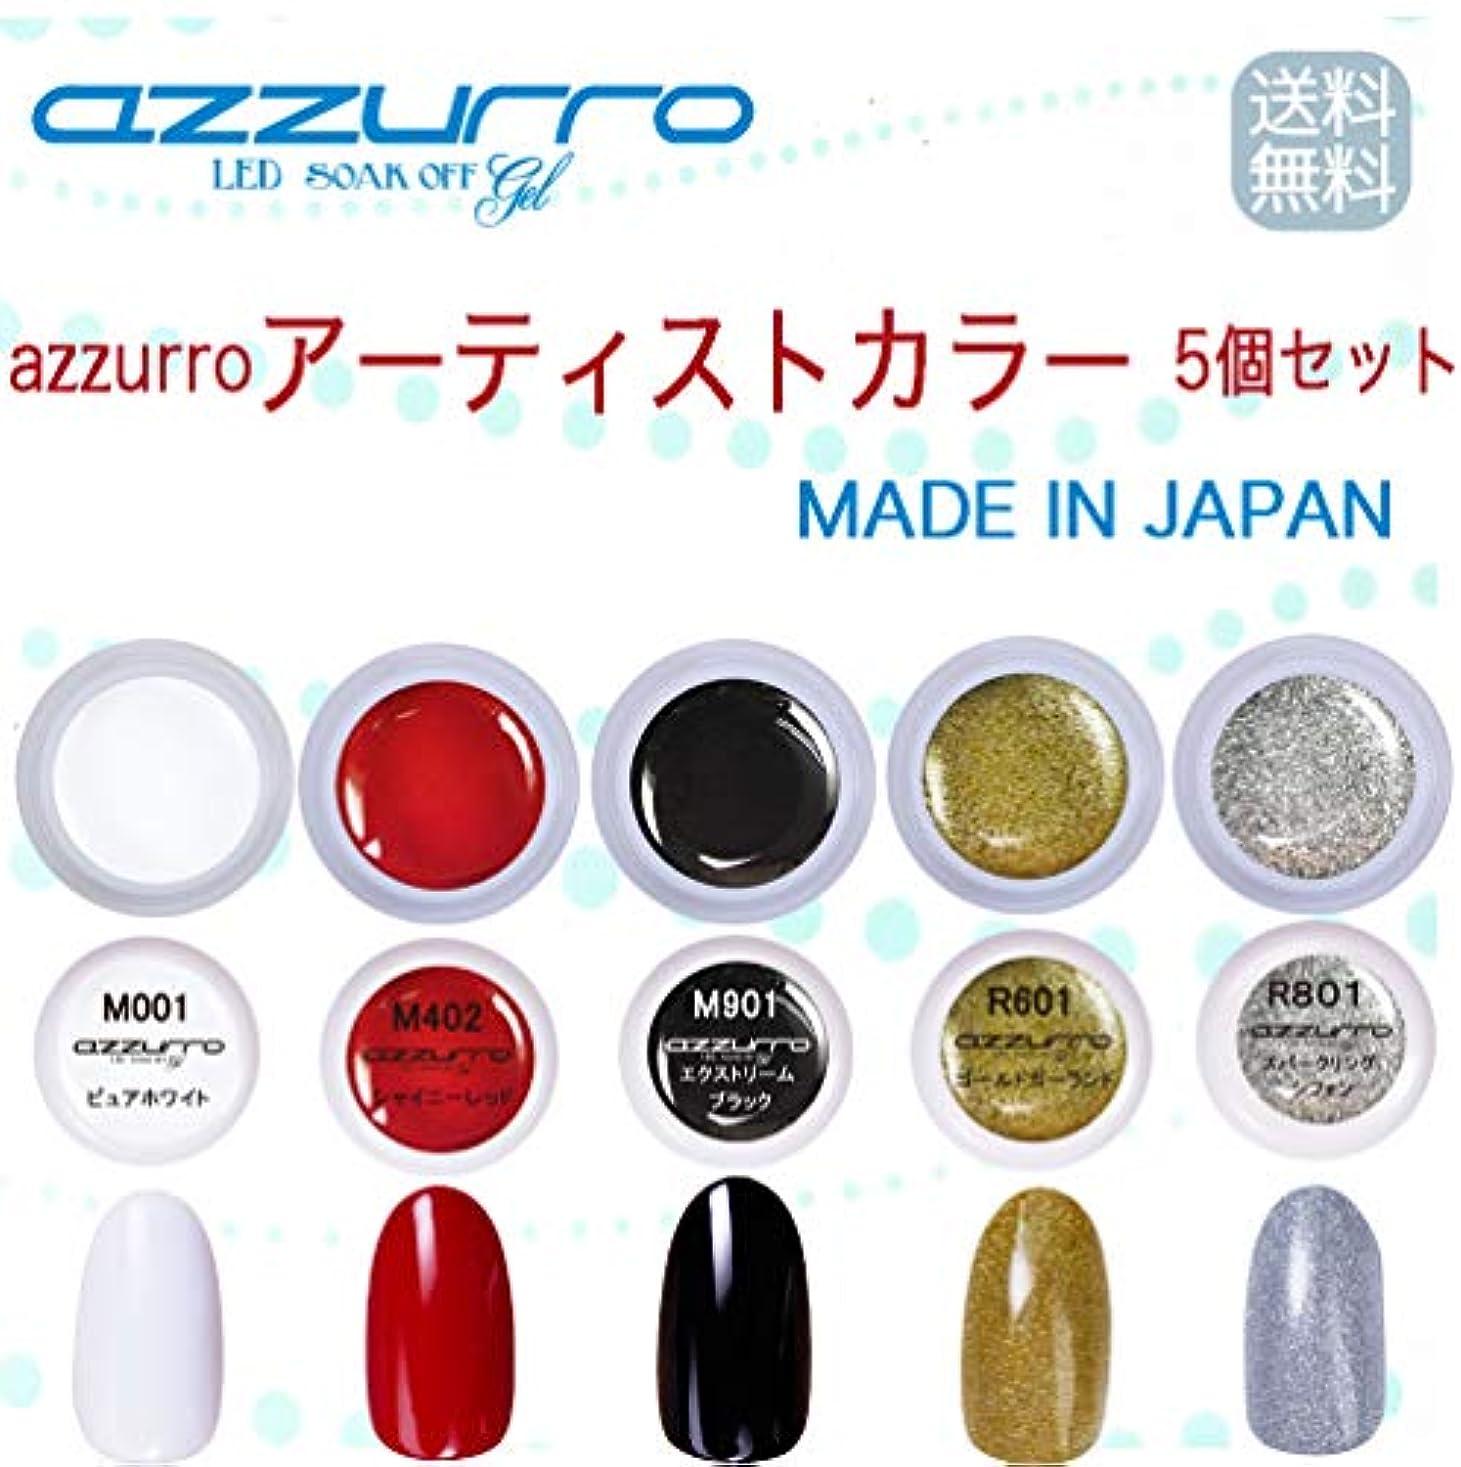 束ねる発見川【送料無料】日本製 azzurro gel アーティストカラージェル5個セット トレンドのラインアートにもピッタリなカラー